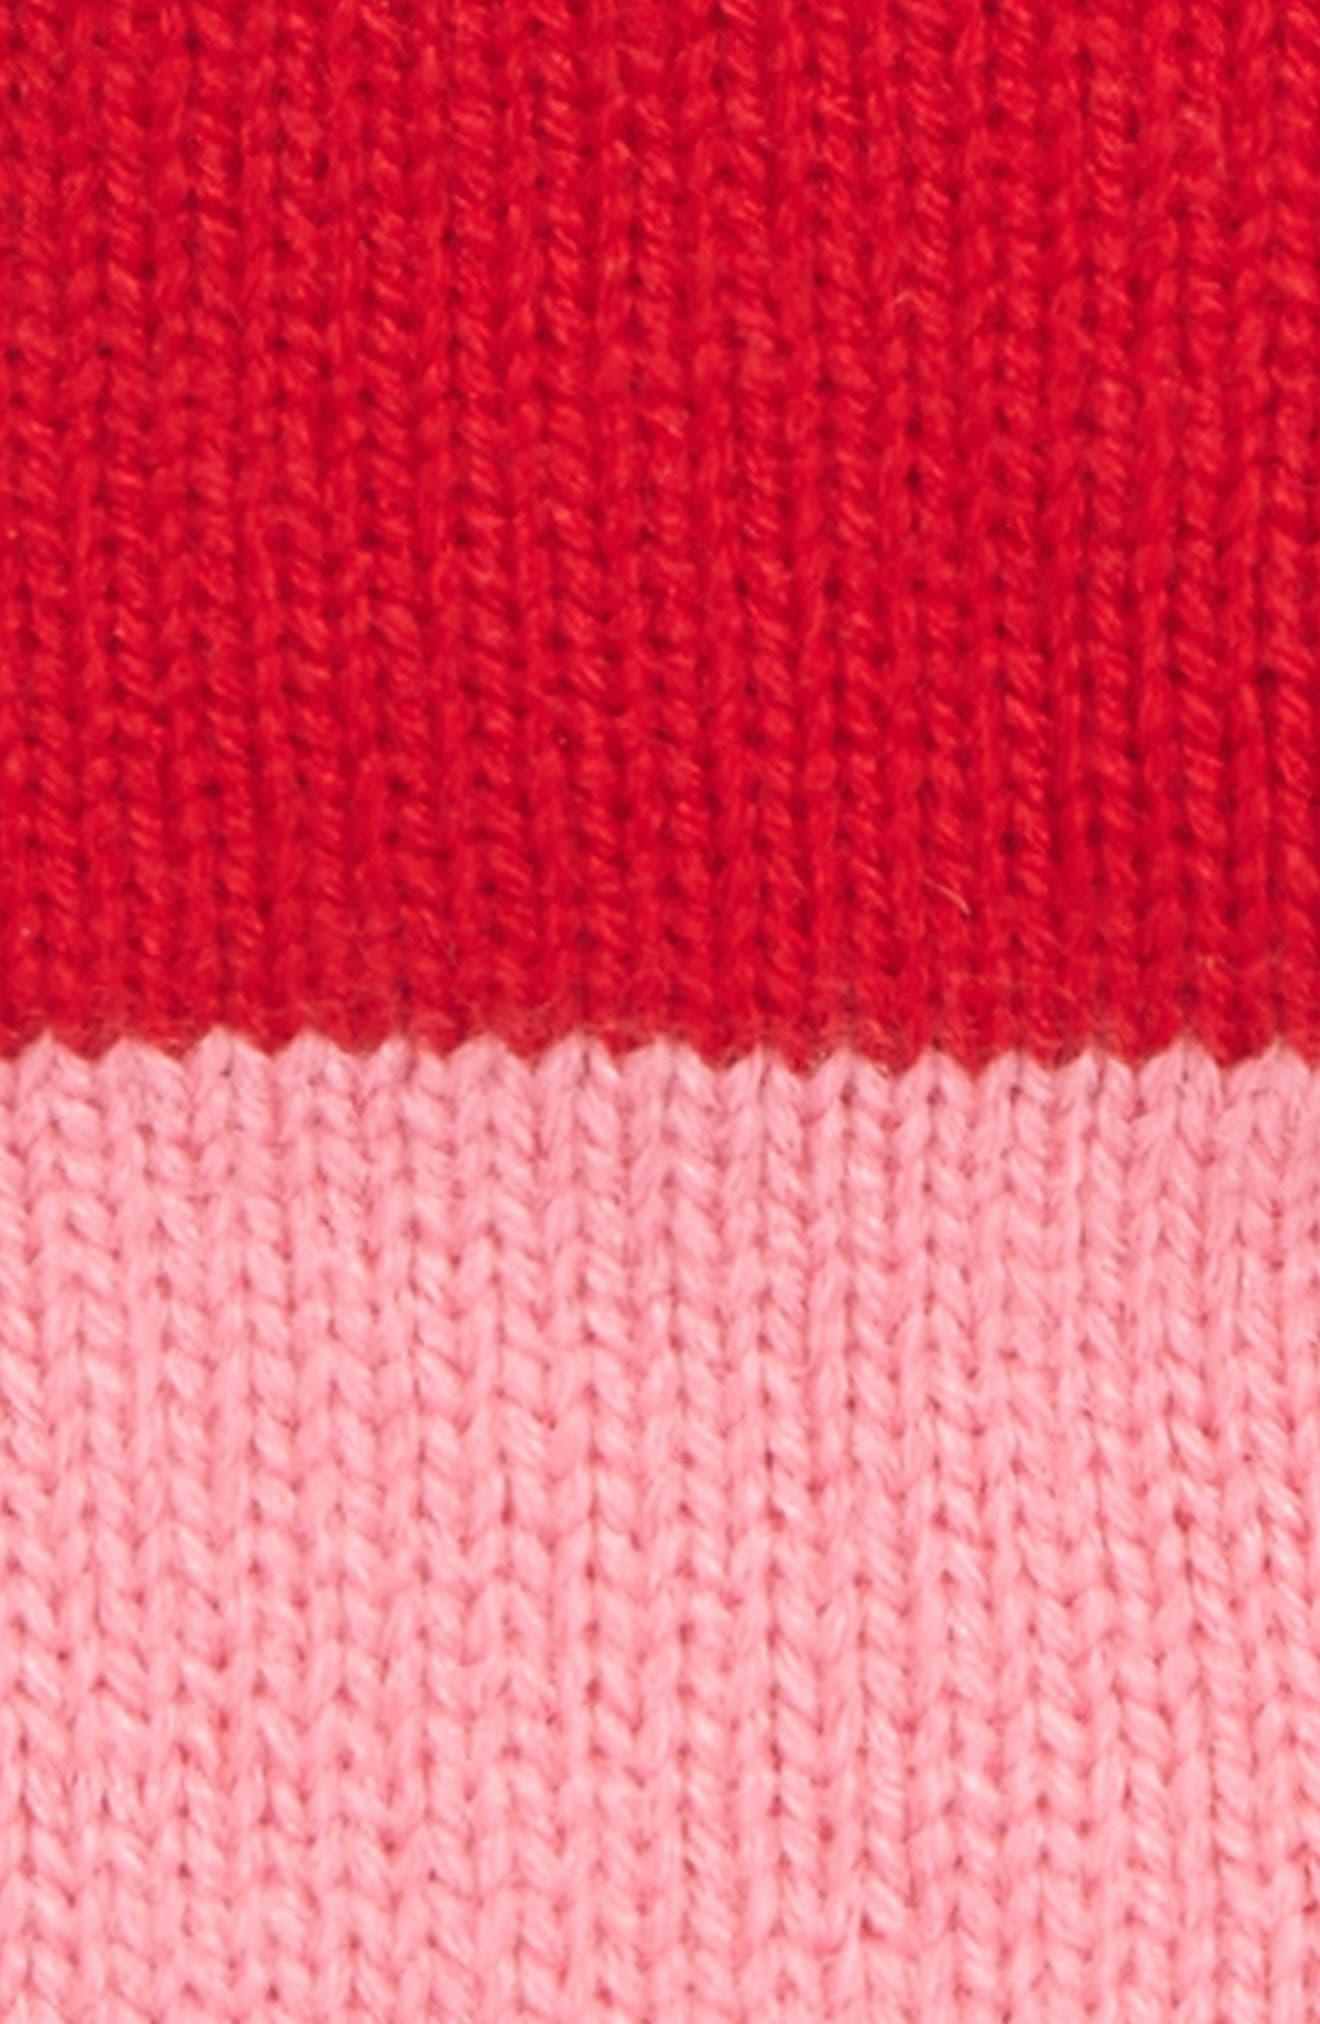 colorblock knit gloves,                             Alternate thumbnail 2, color,                             Fleur De Lis/Charm Red